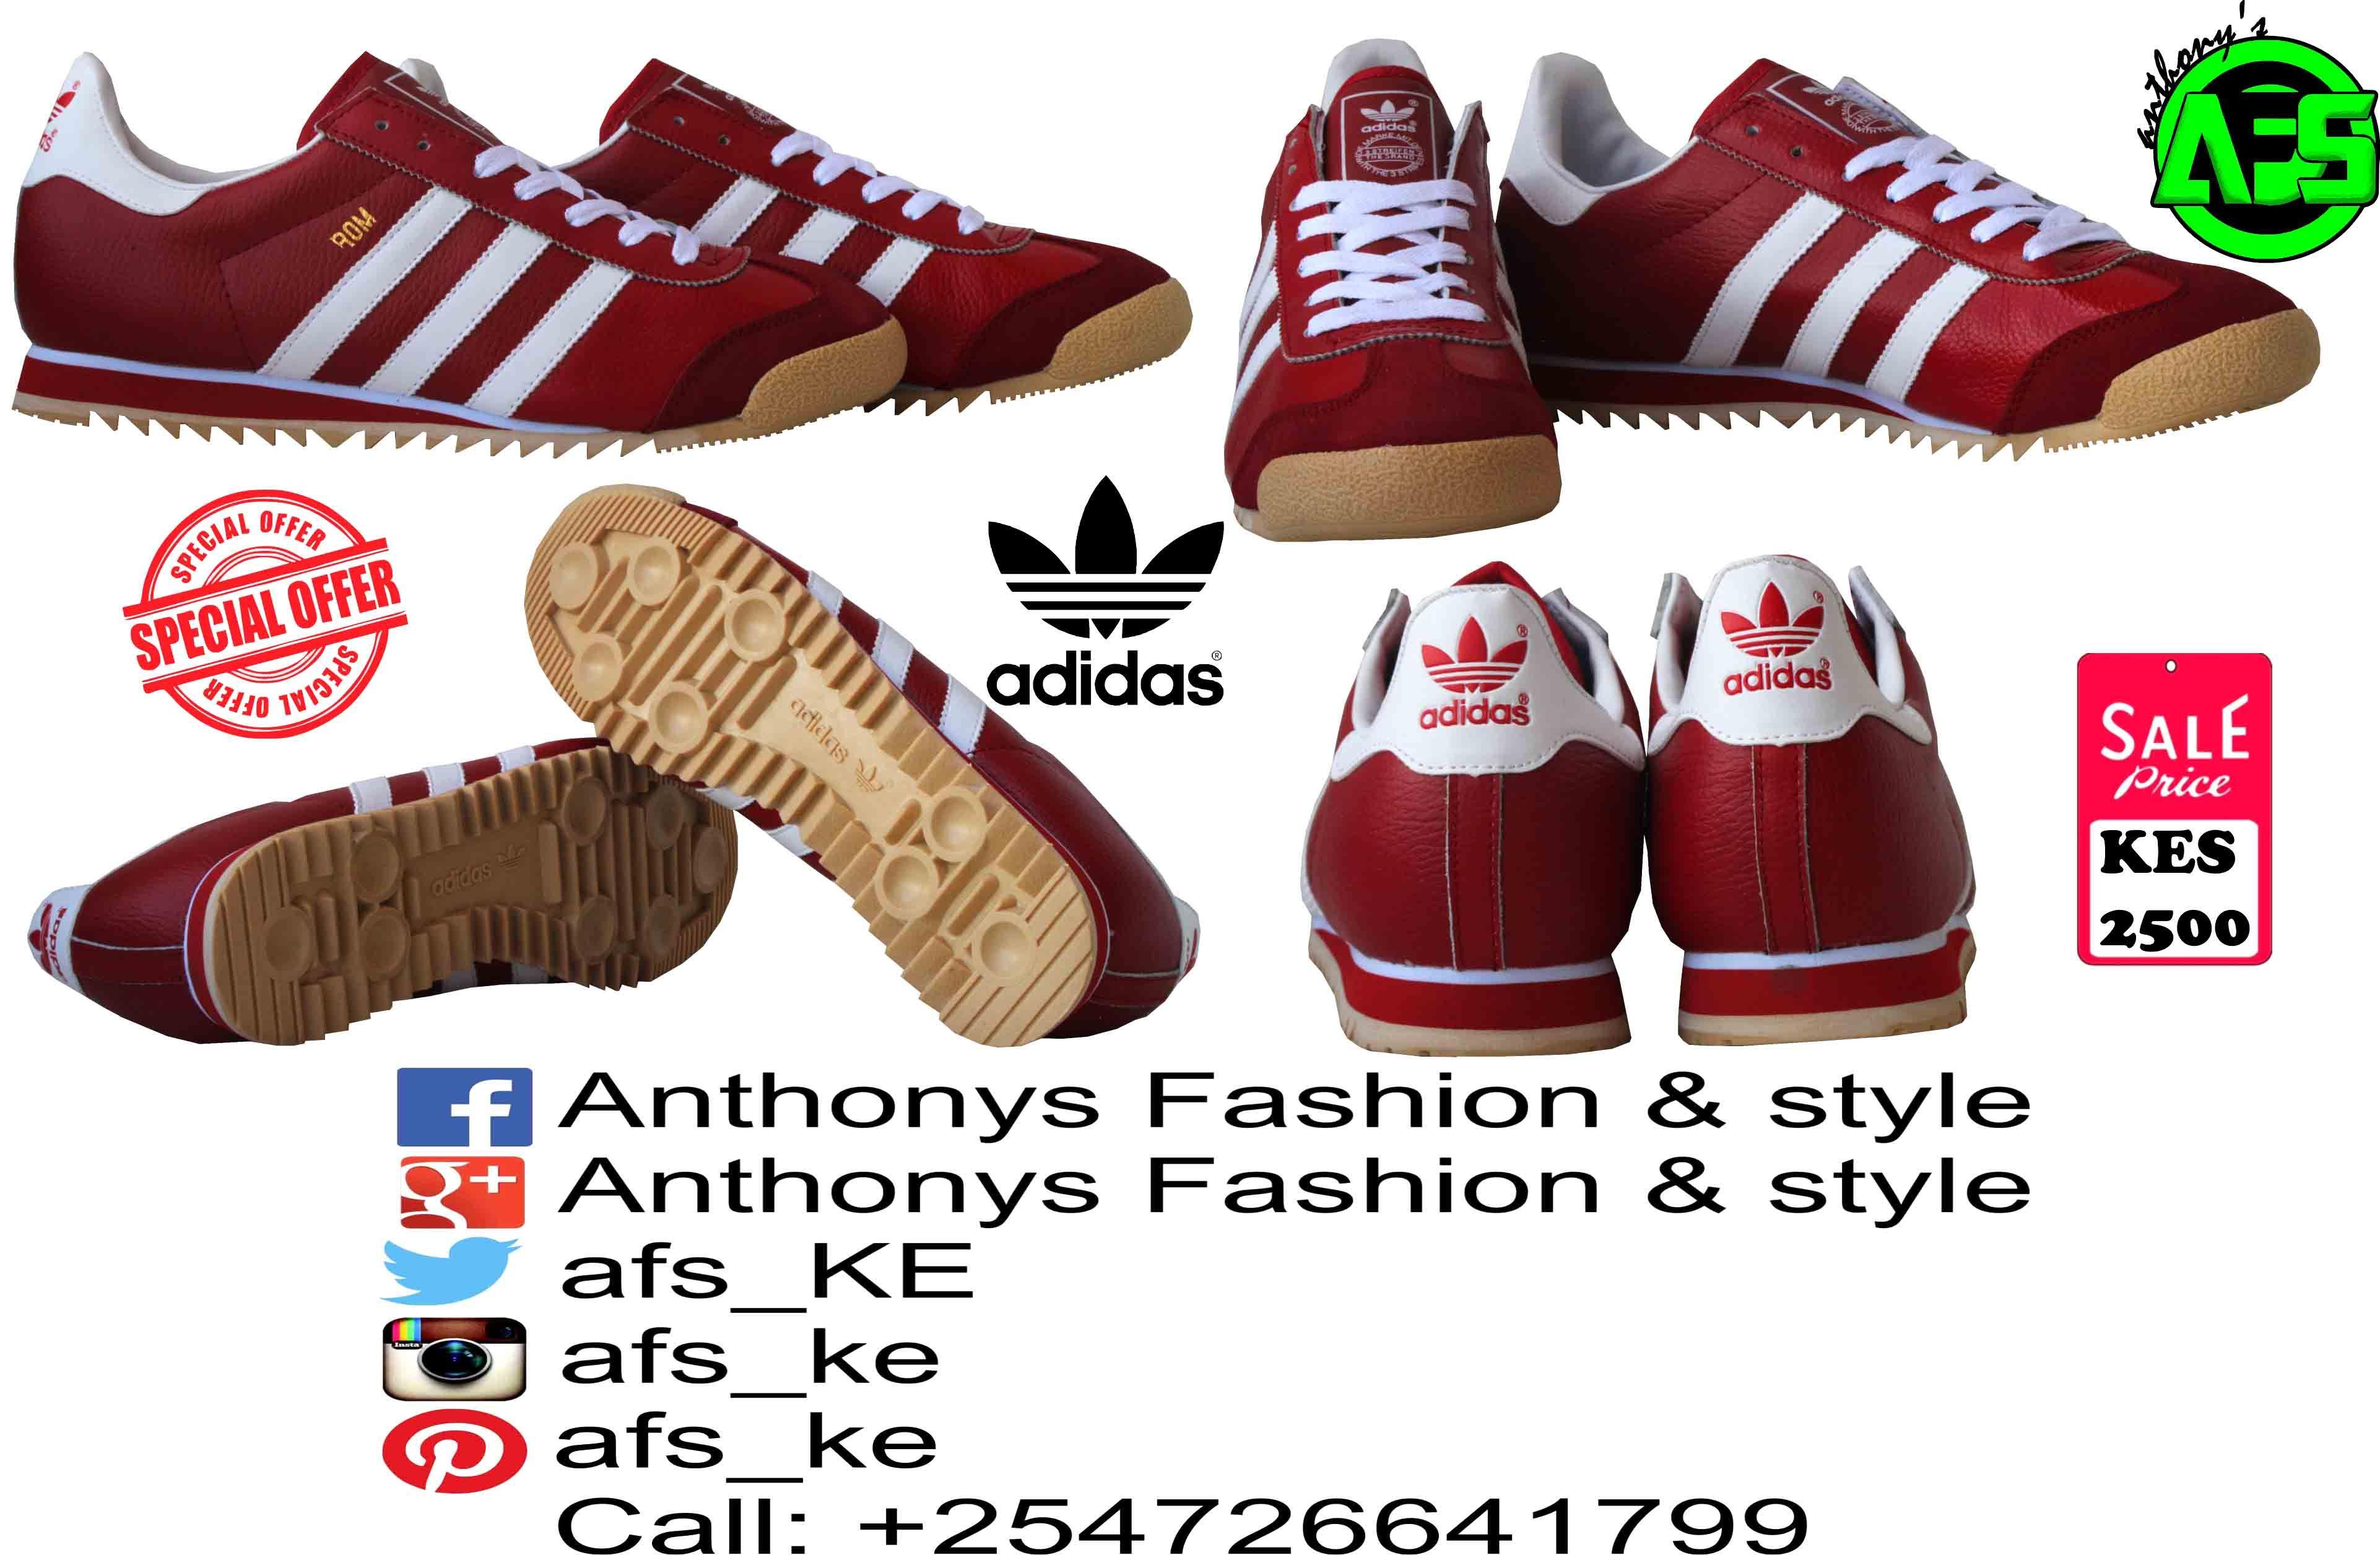 adidas 3 streifen the brand cena